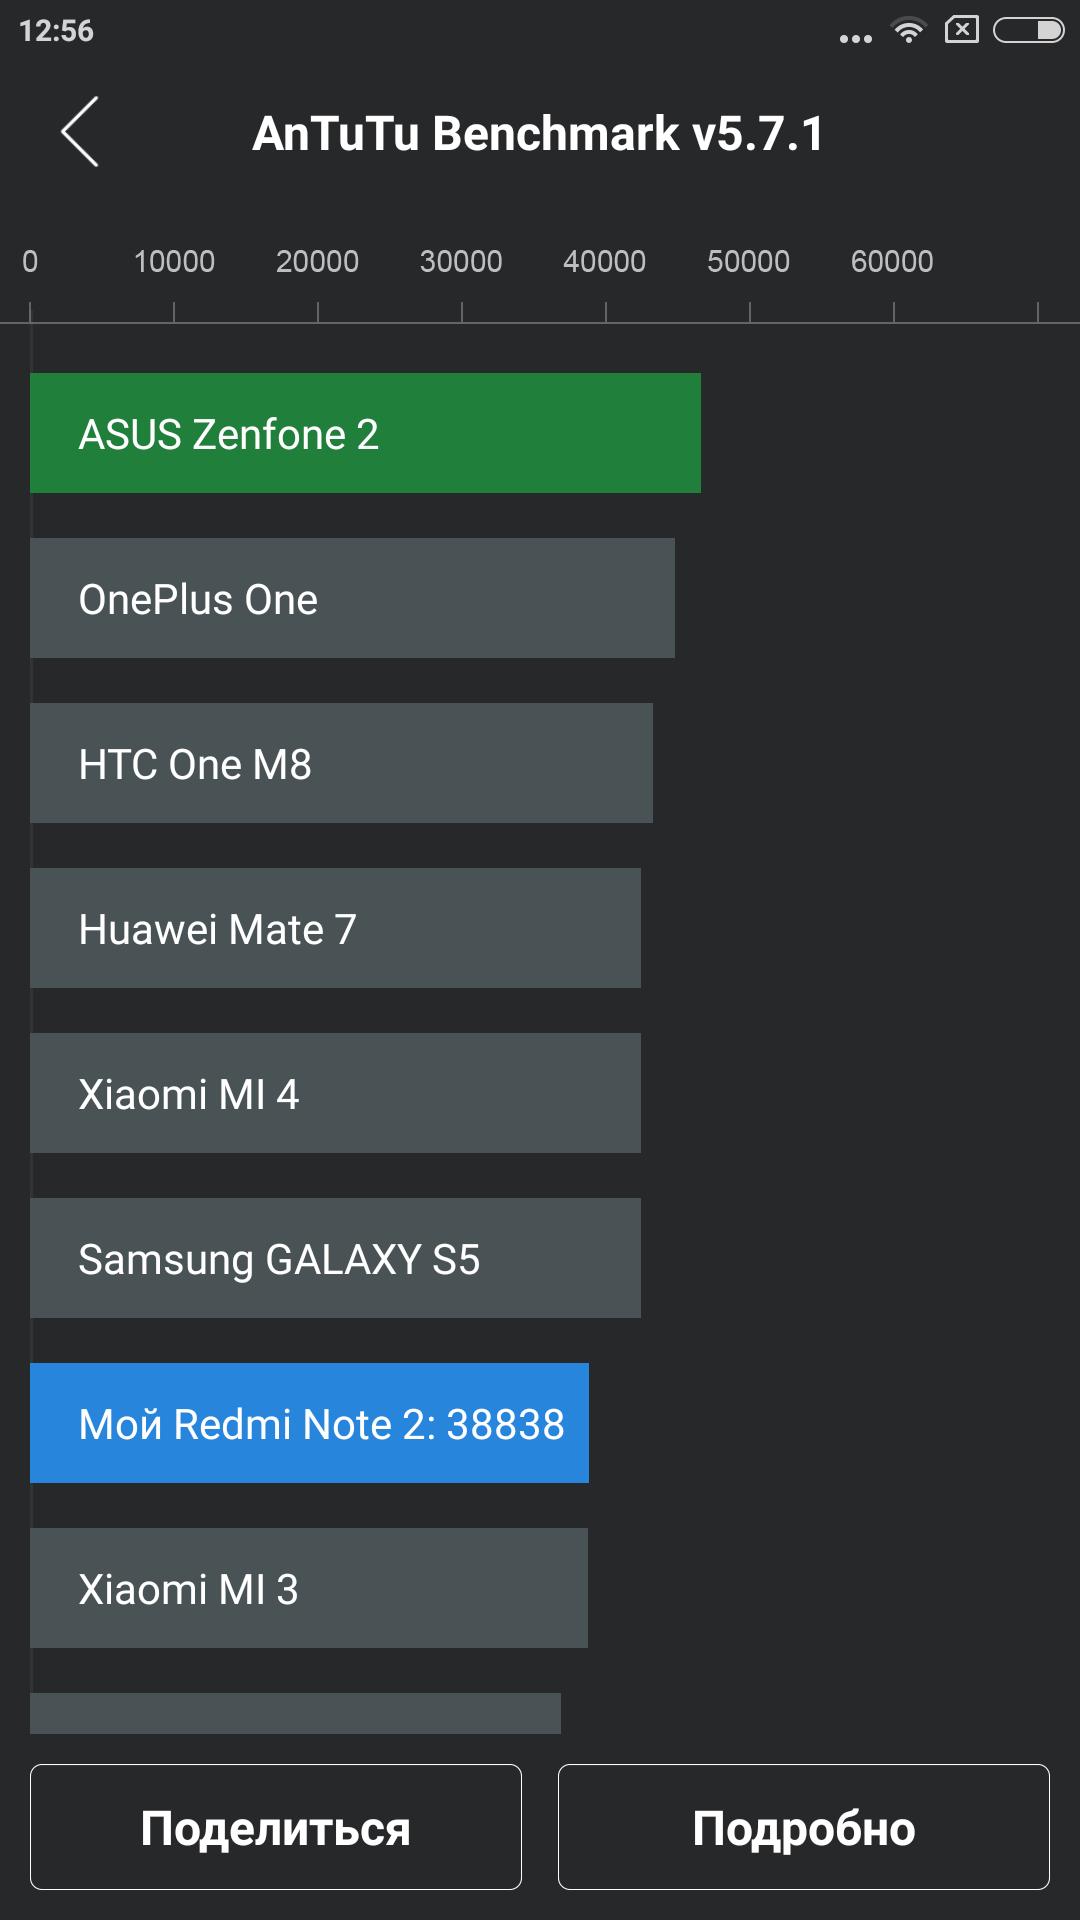 Обзор лучшего бюджетника 2015 года — Xiaomi Redmi Note 2 - 57